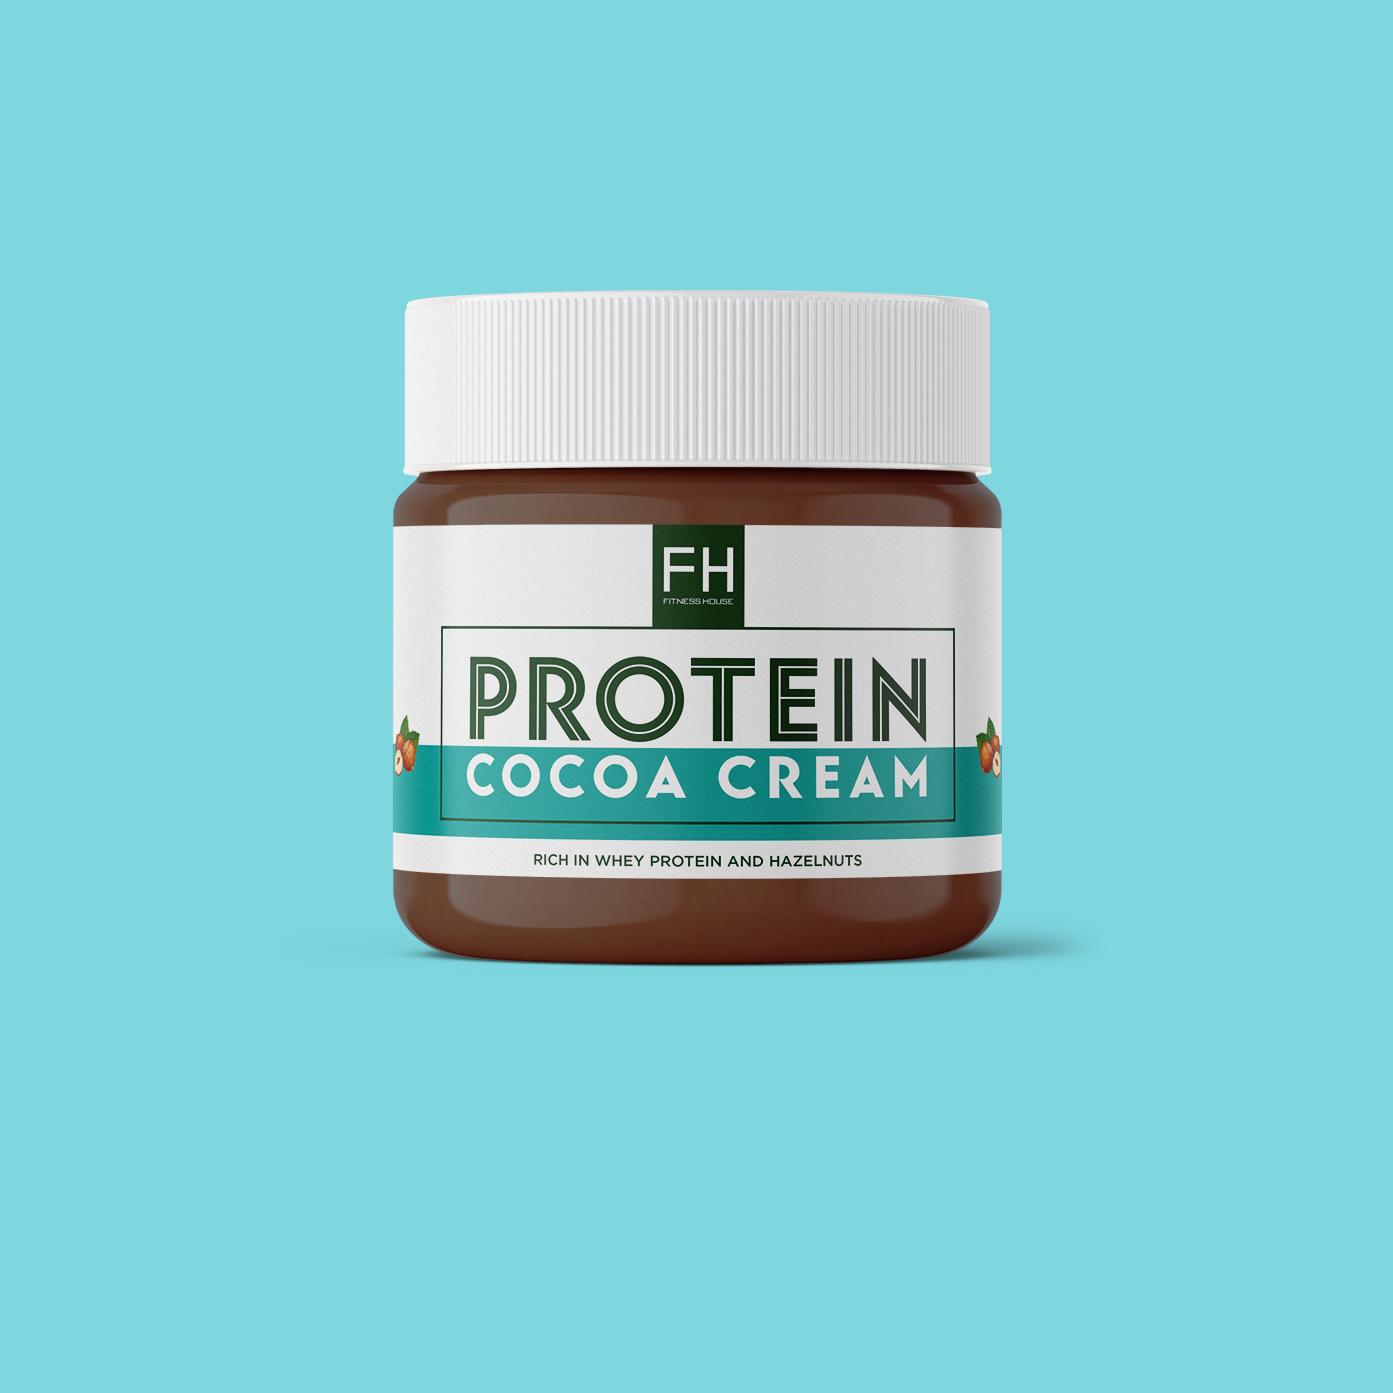 Protein Cocoa Cream